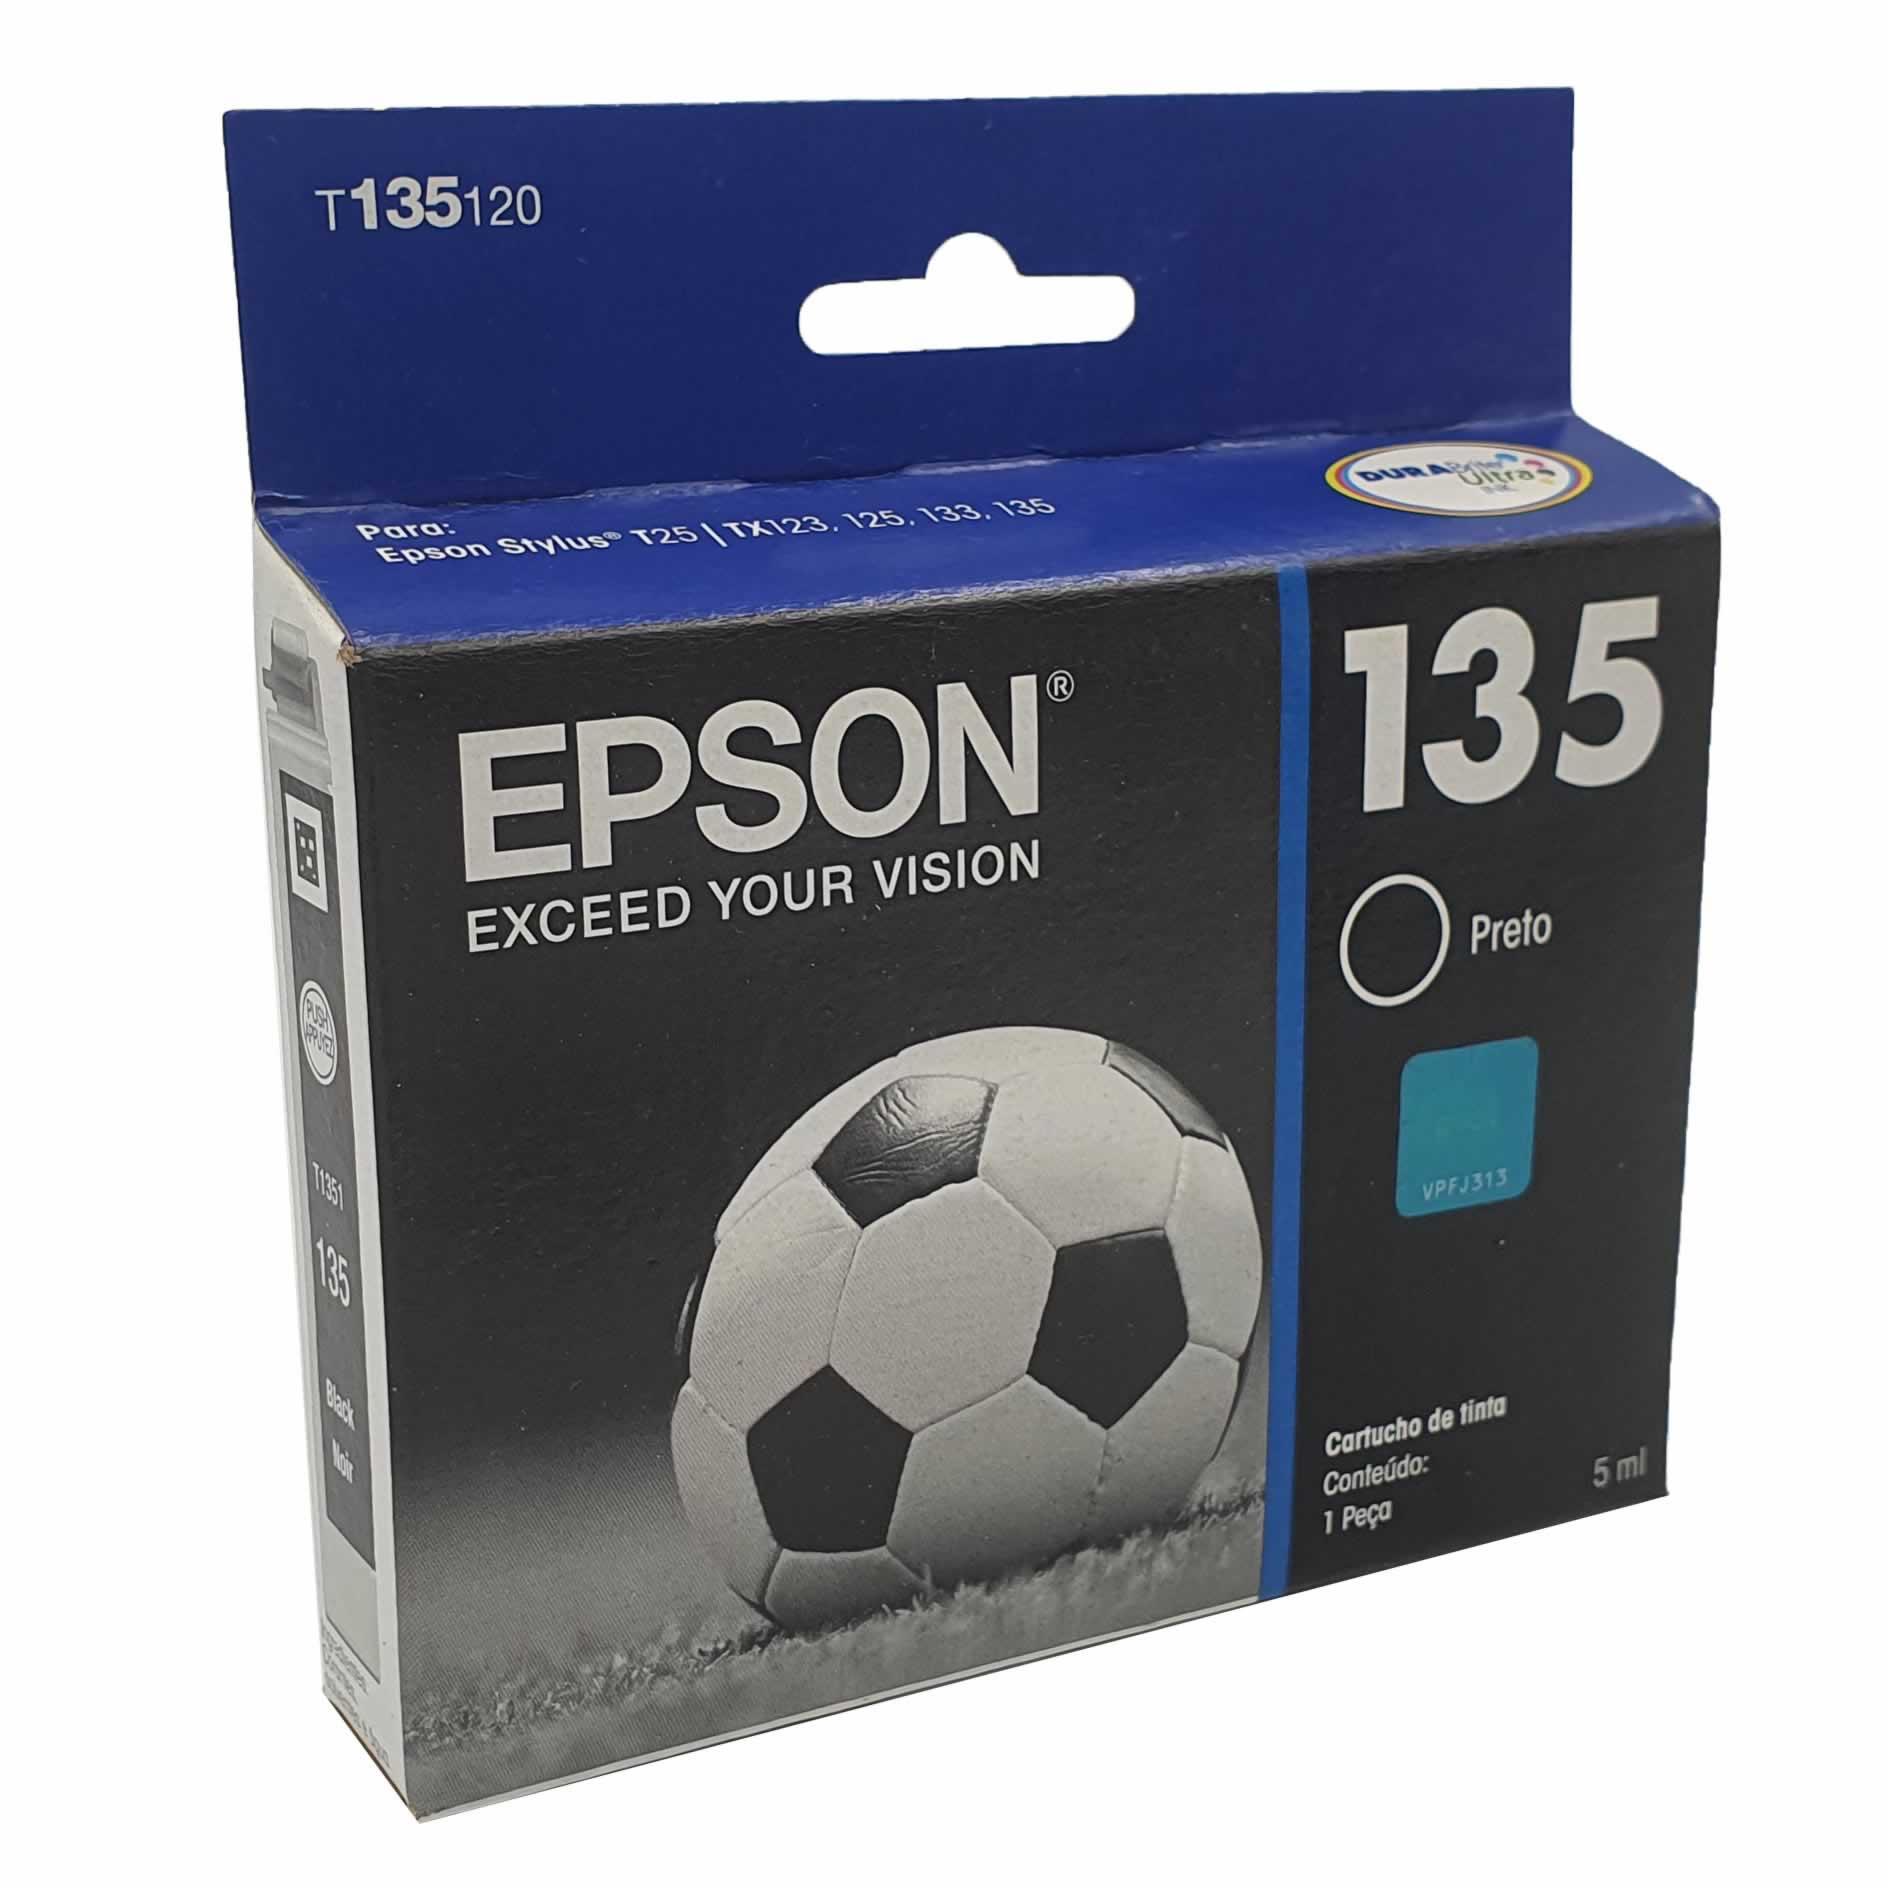 Cartucho EPSON T1351 Preto para T25 TX123 TX125 TX133 TX135